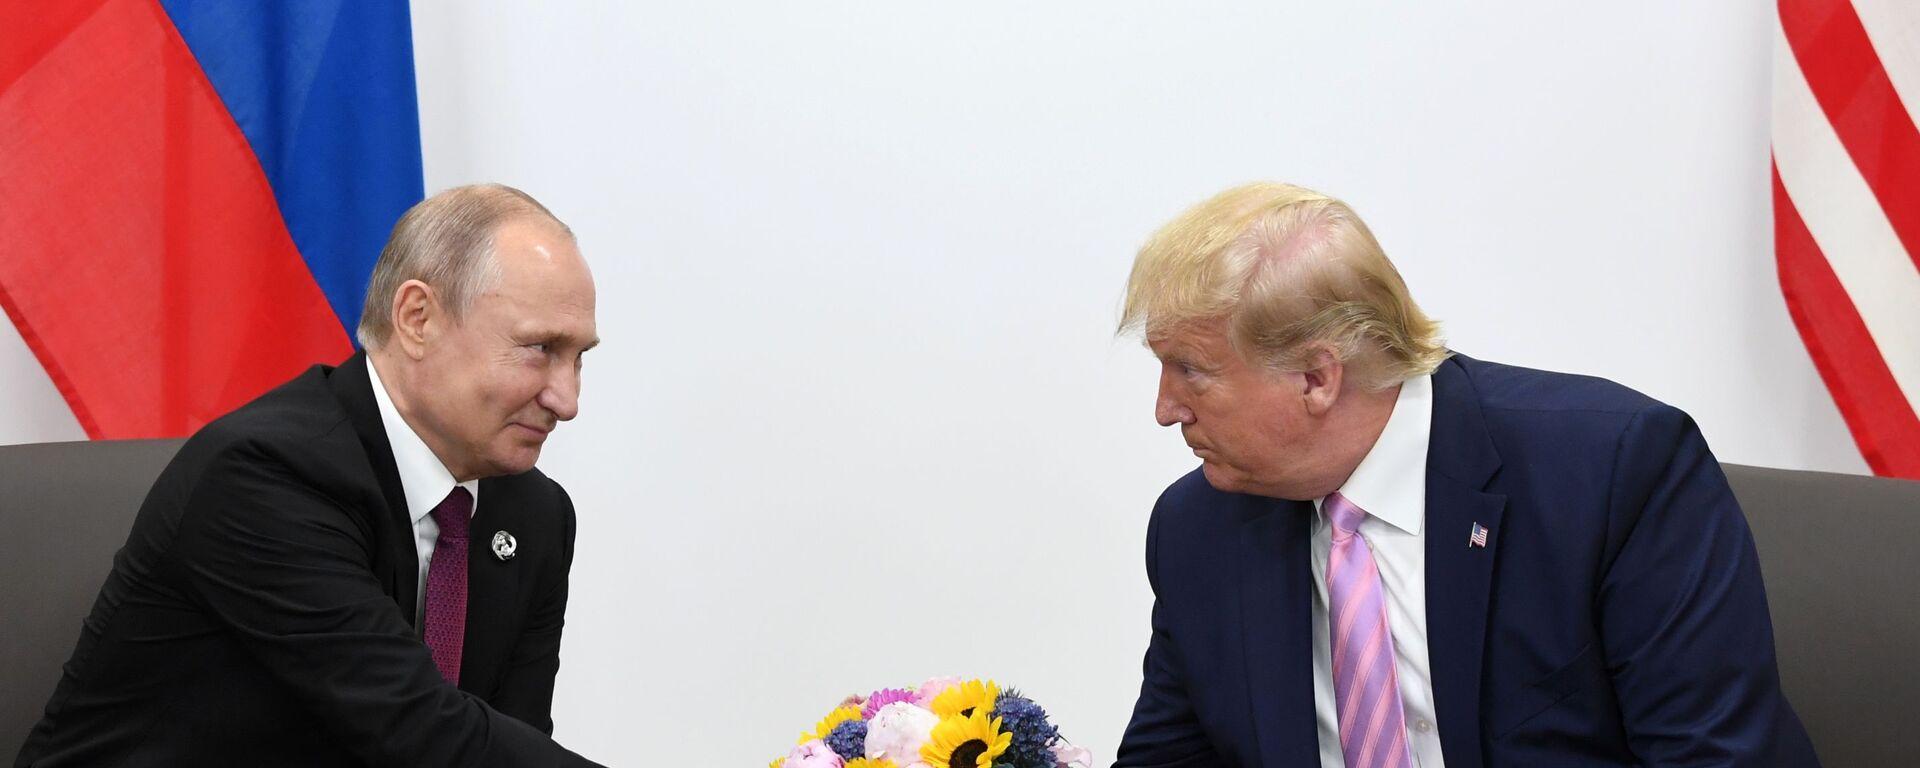 Президент РФ Владимир Путин и президент США Дональд Трамп во время встречи на полях саммита Группы двадцати в Осаке - Sputnik Таджикистан, 1920, 18.08.2020